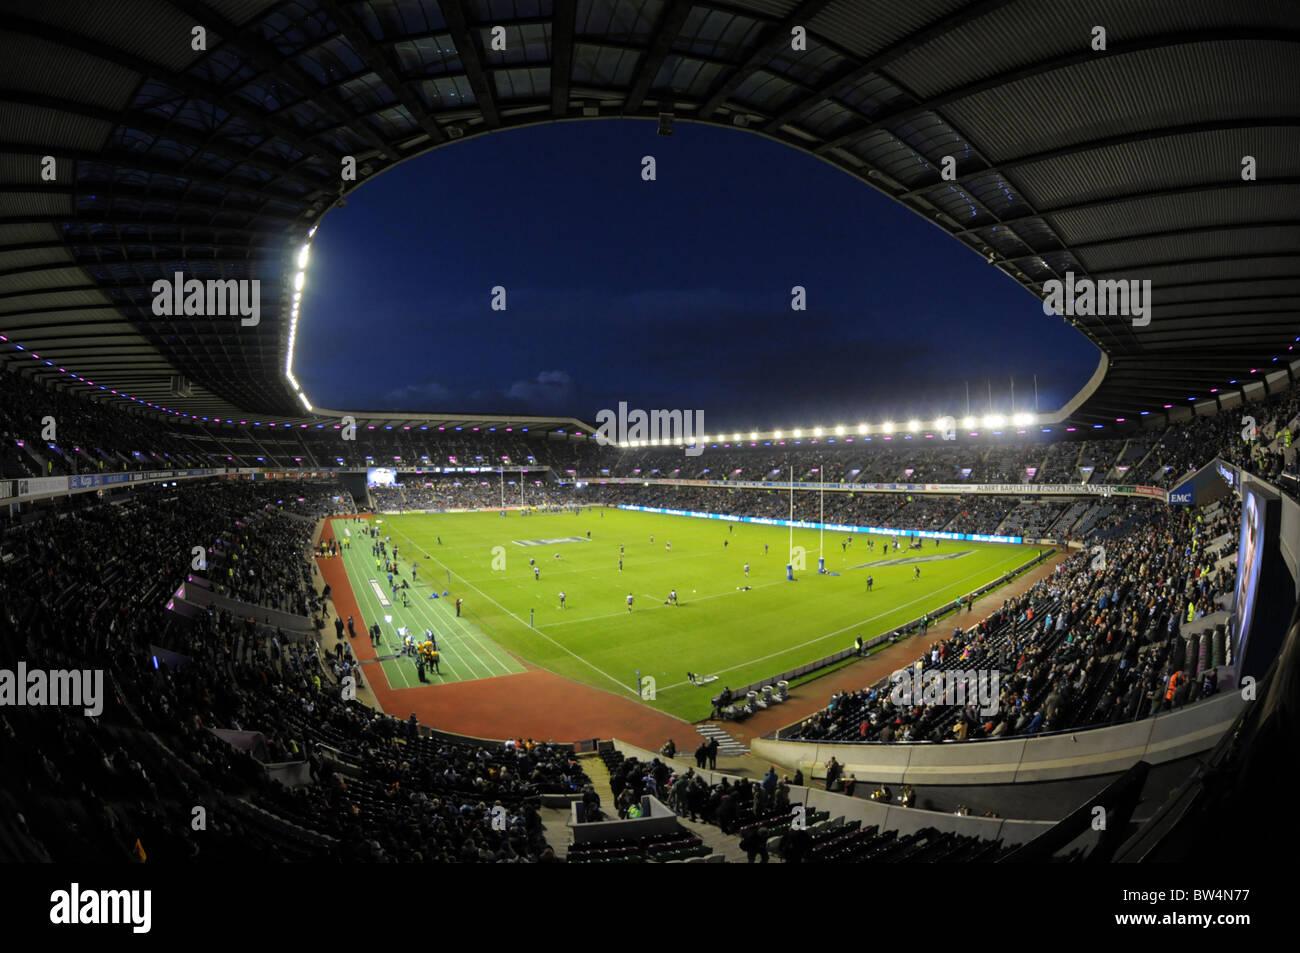 El estadio de rugby Murrayfield en Edimburgo. Escocia v Todos los negros de Nueva Zelanda Imagen De Stock